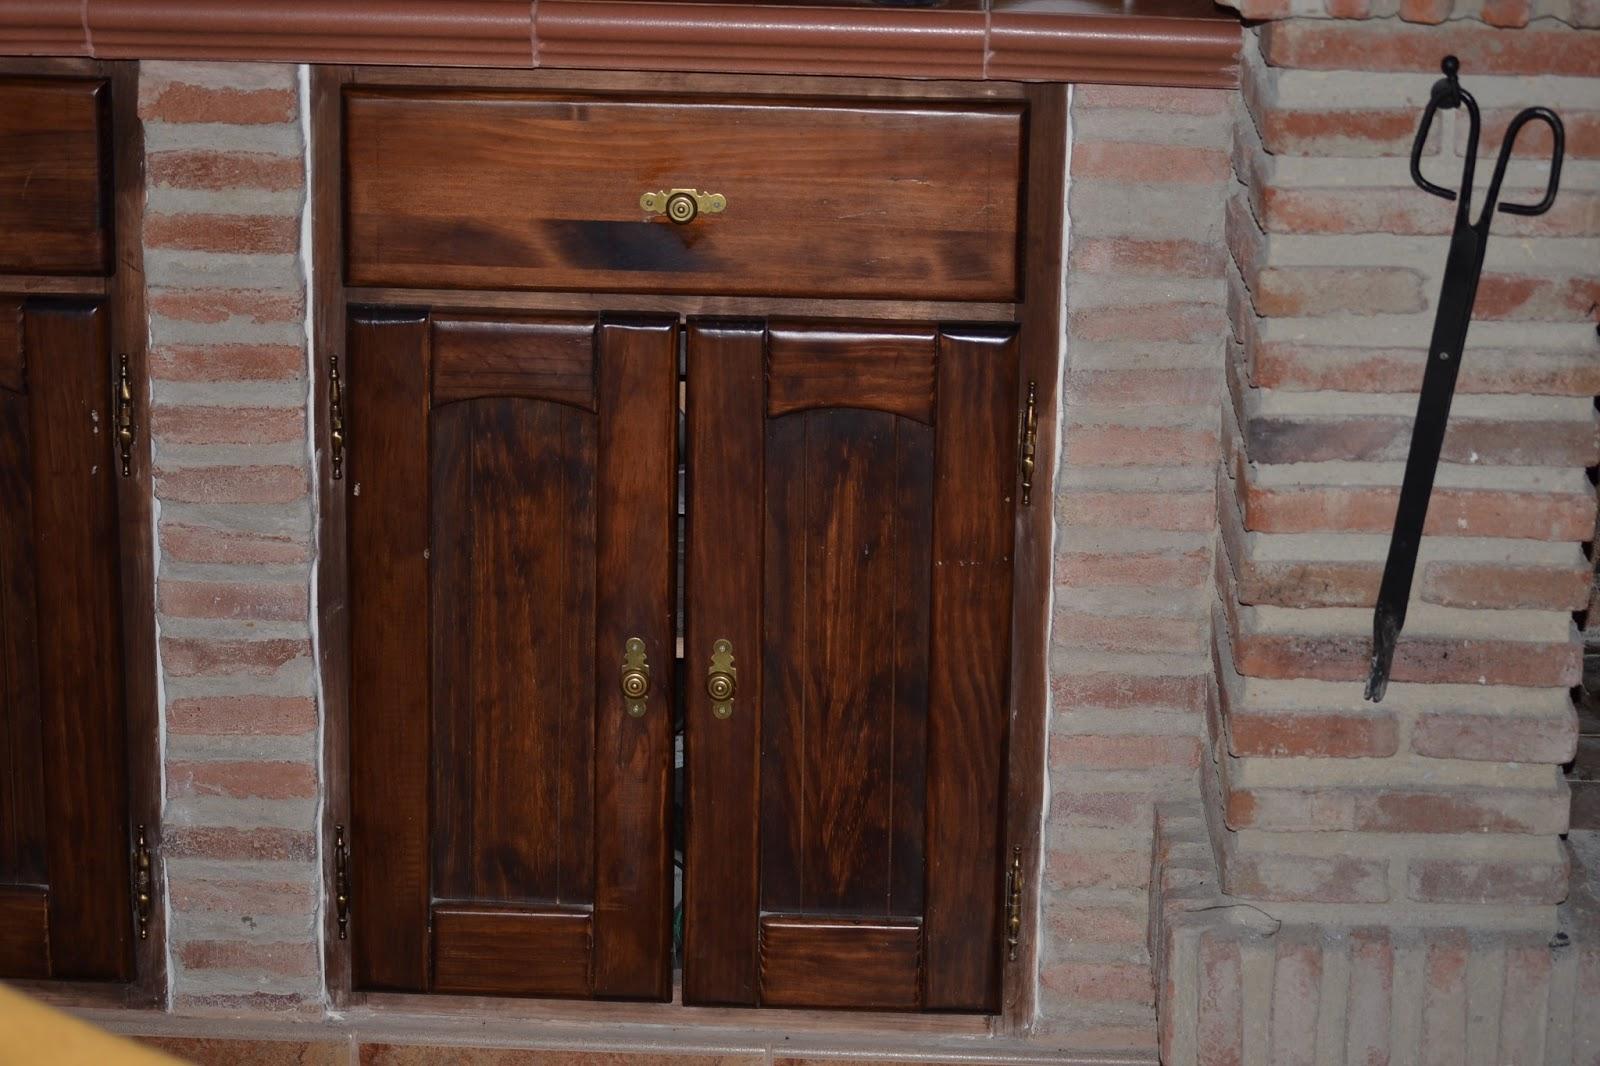 Puertas rusticas madera hago todo tipo de decoracion en - Puertas rusticas de madera ...